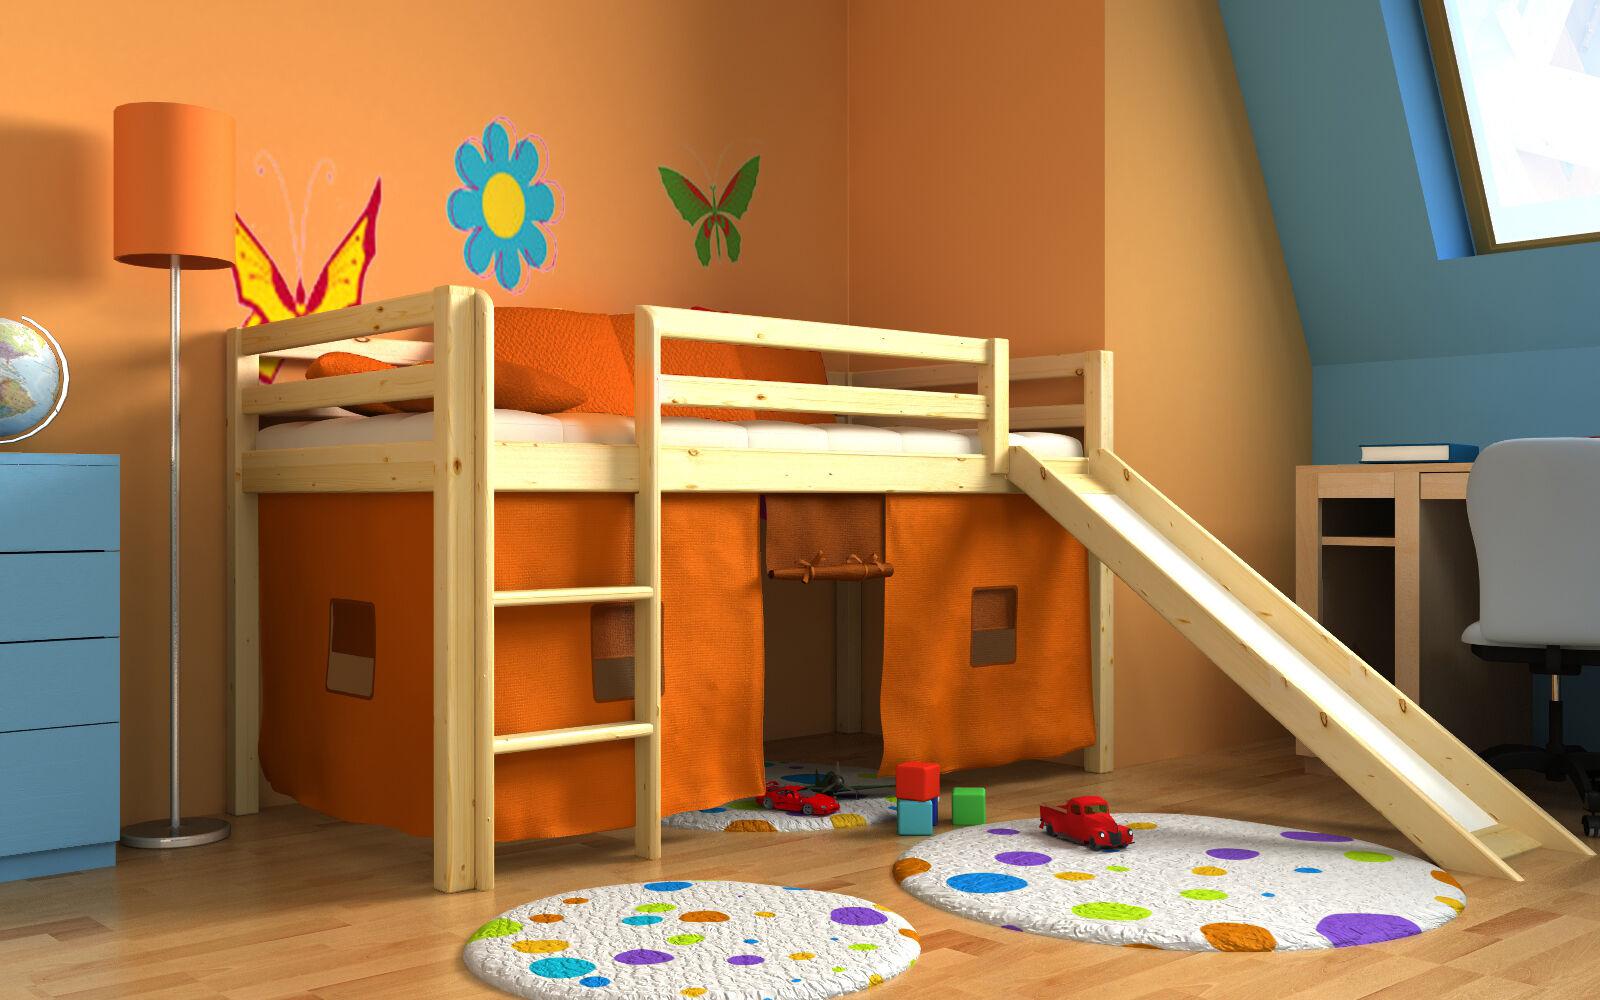 Letto per bambini con scivolo cameratta bambino letto letto a castello materasso eur 209 00 - Letto a castello con scivolo ...